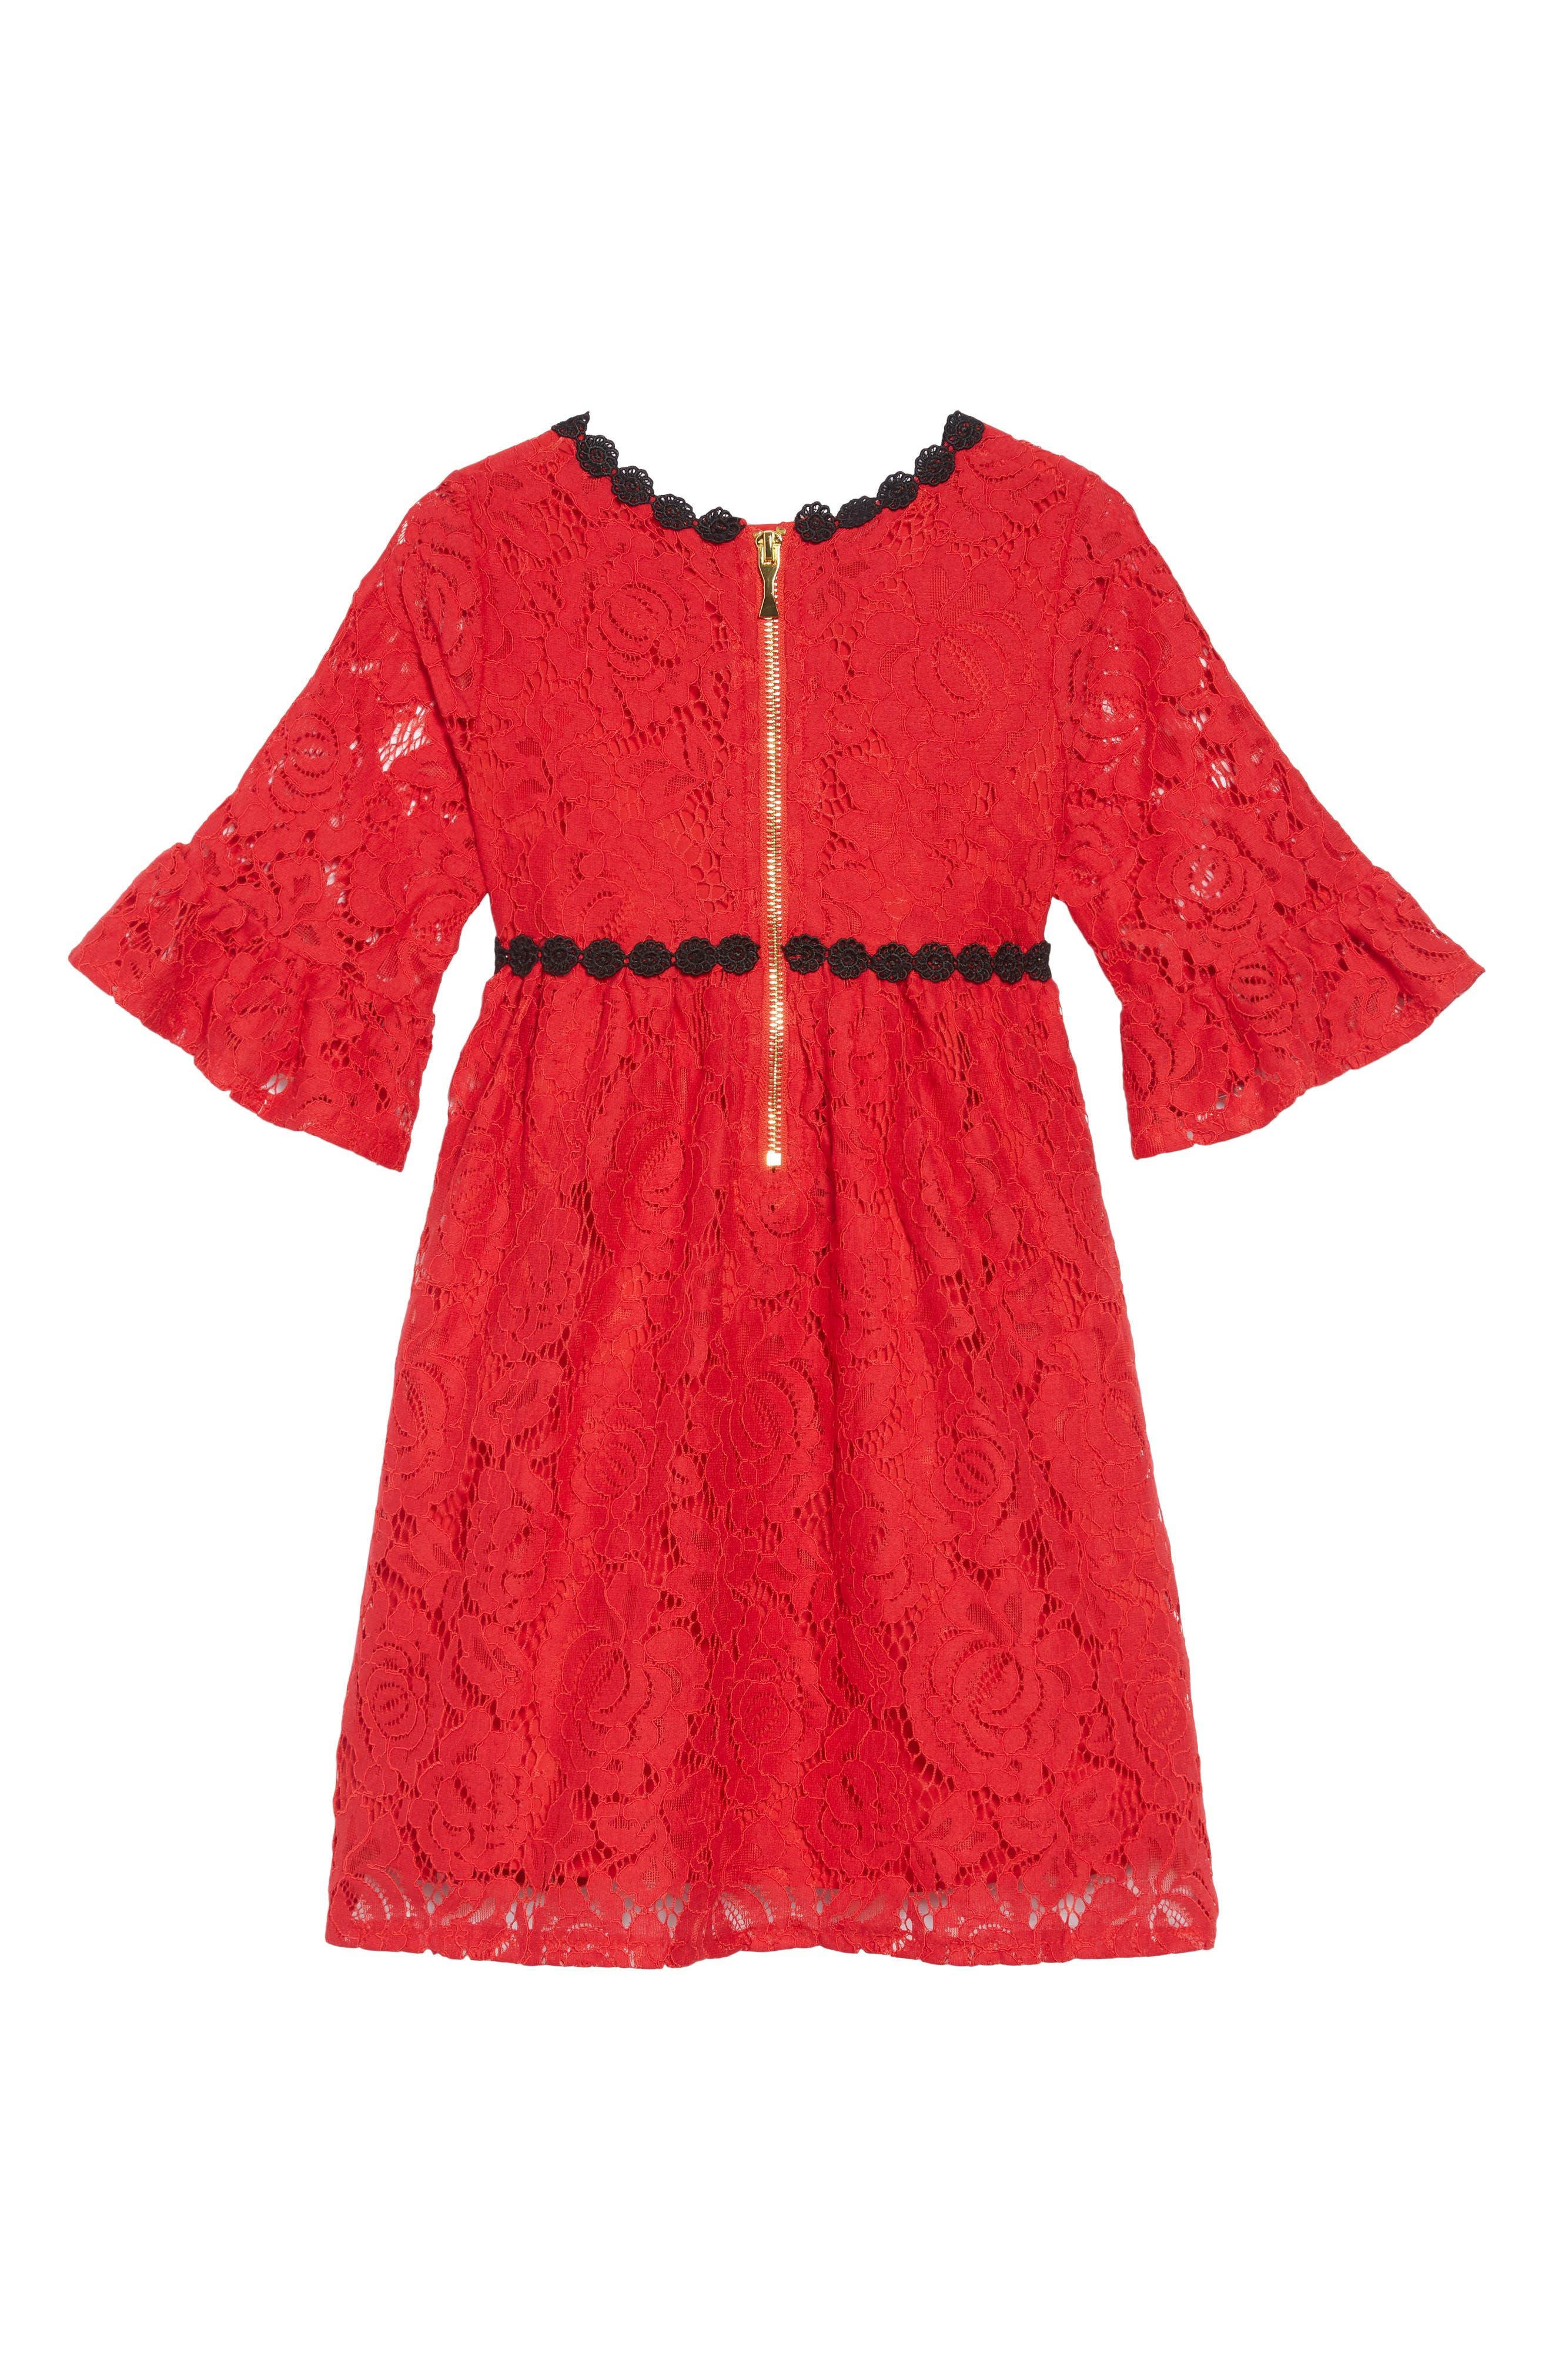 alençon lace party dress,                             Alternate thumbnail 2, color,                             DEEP RED